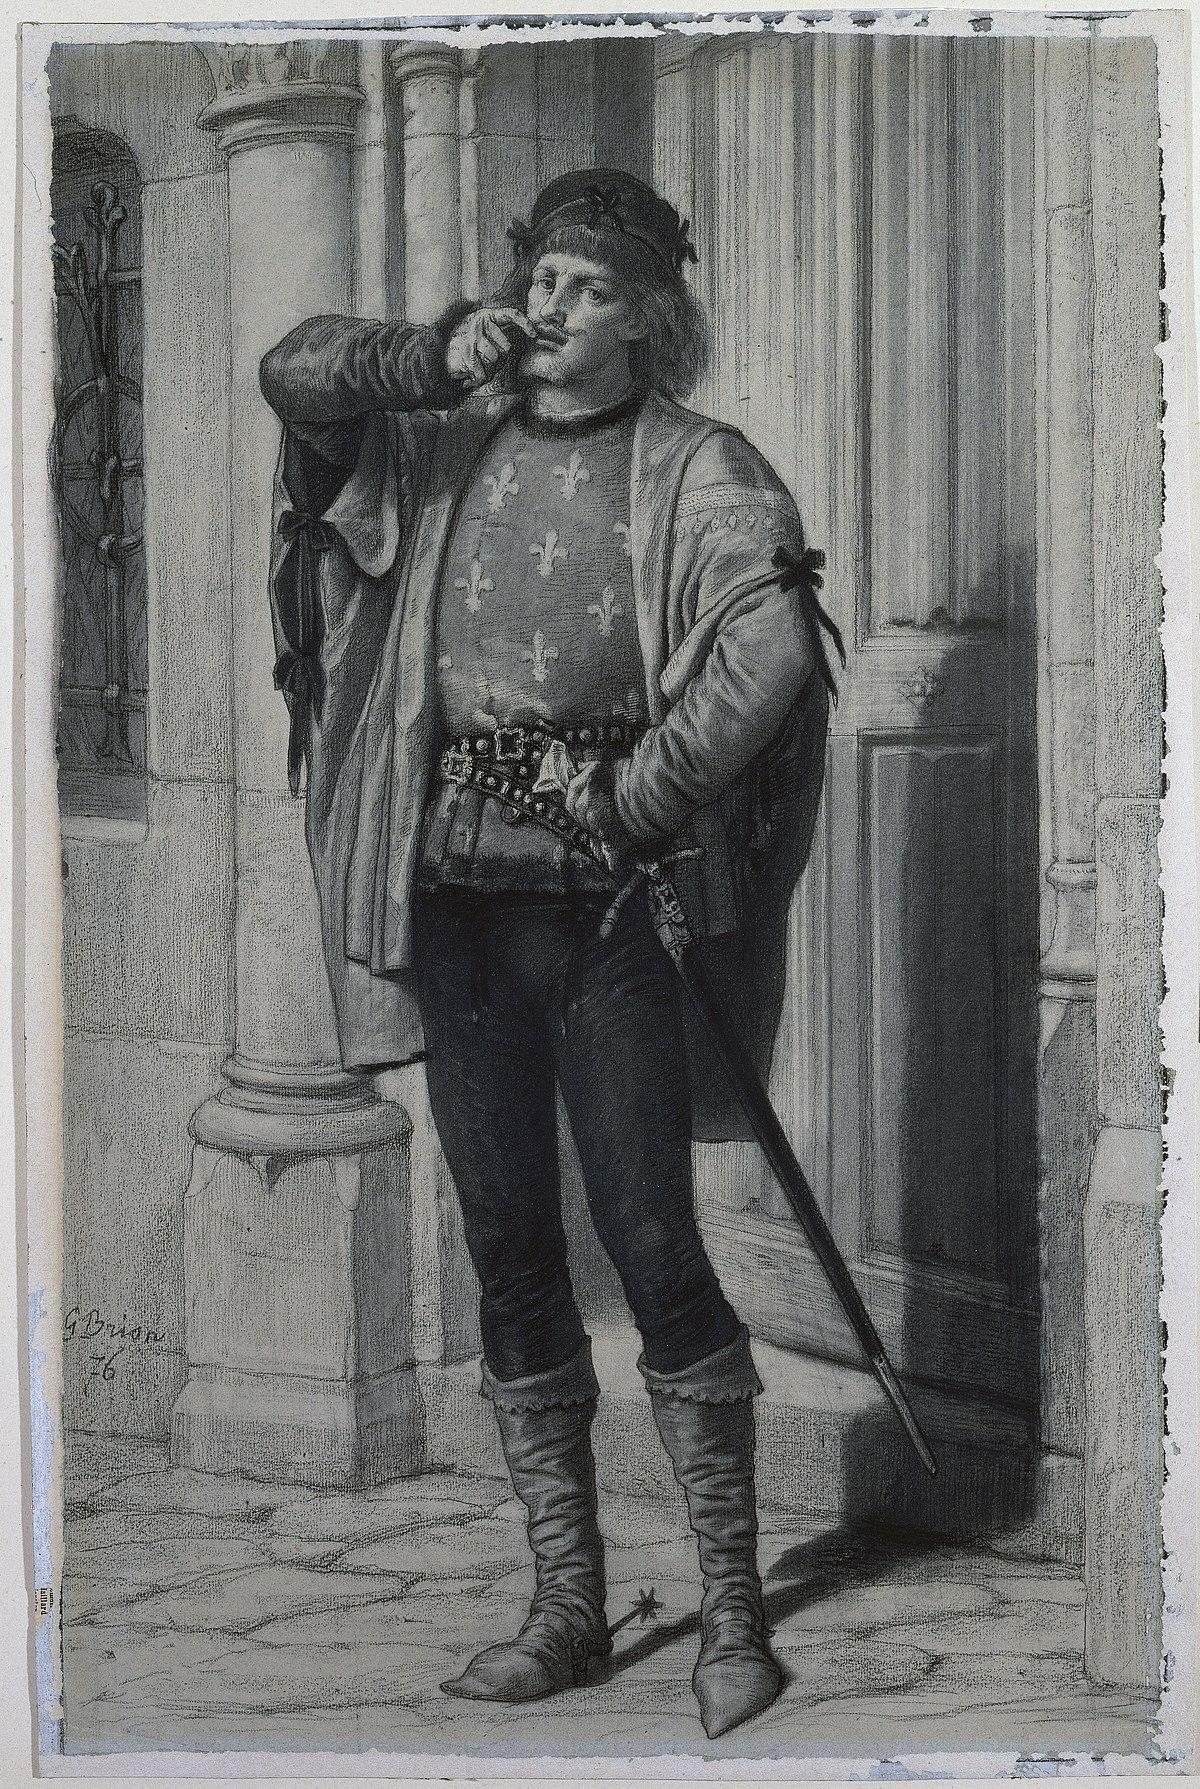 Phoebus Notre Dame De Paris : phoebus, notre, paris, Category:Captain, Phoebus, Wikimedia, Commons